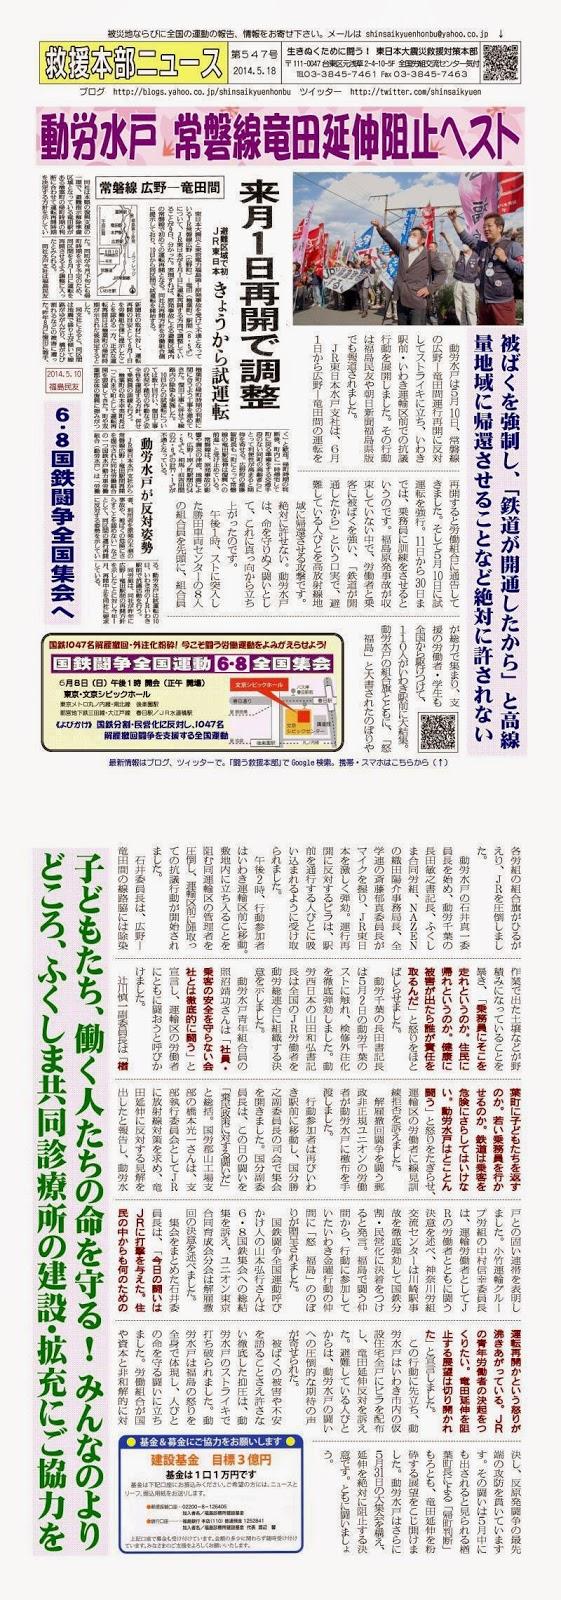 http://blogs.yahoo.co.jp/shinsaikyuenhonbu/12156376.html